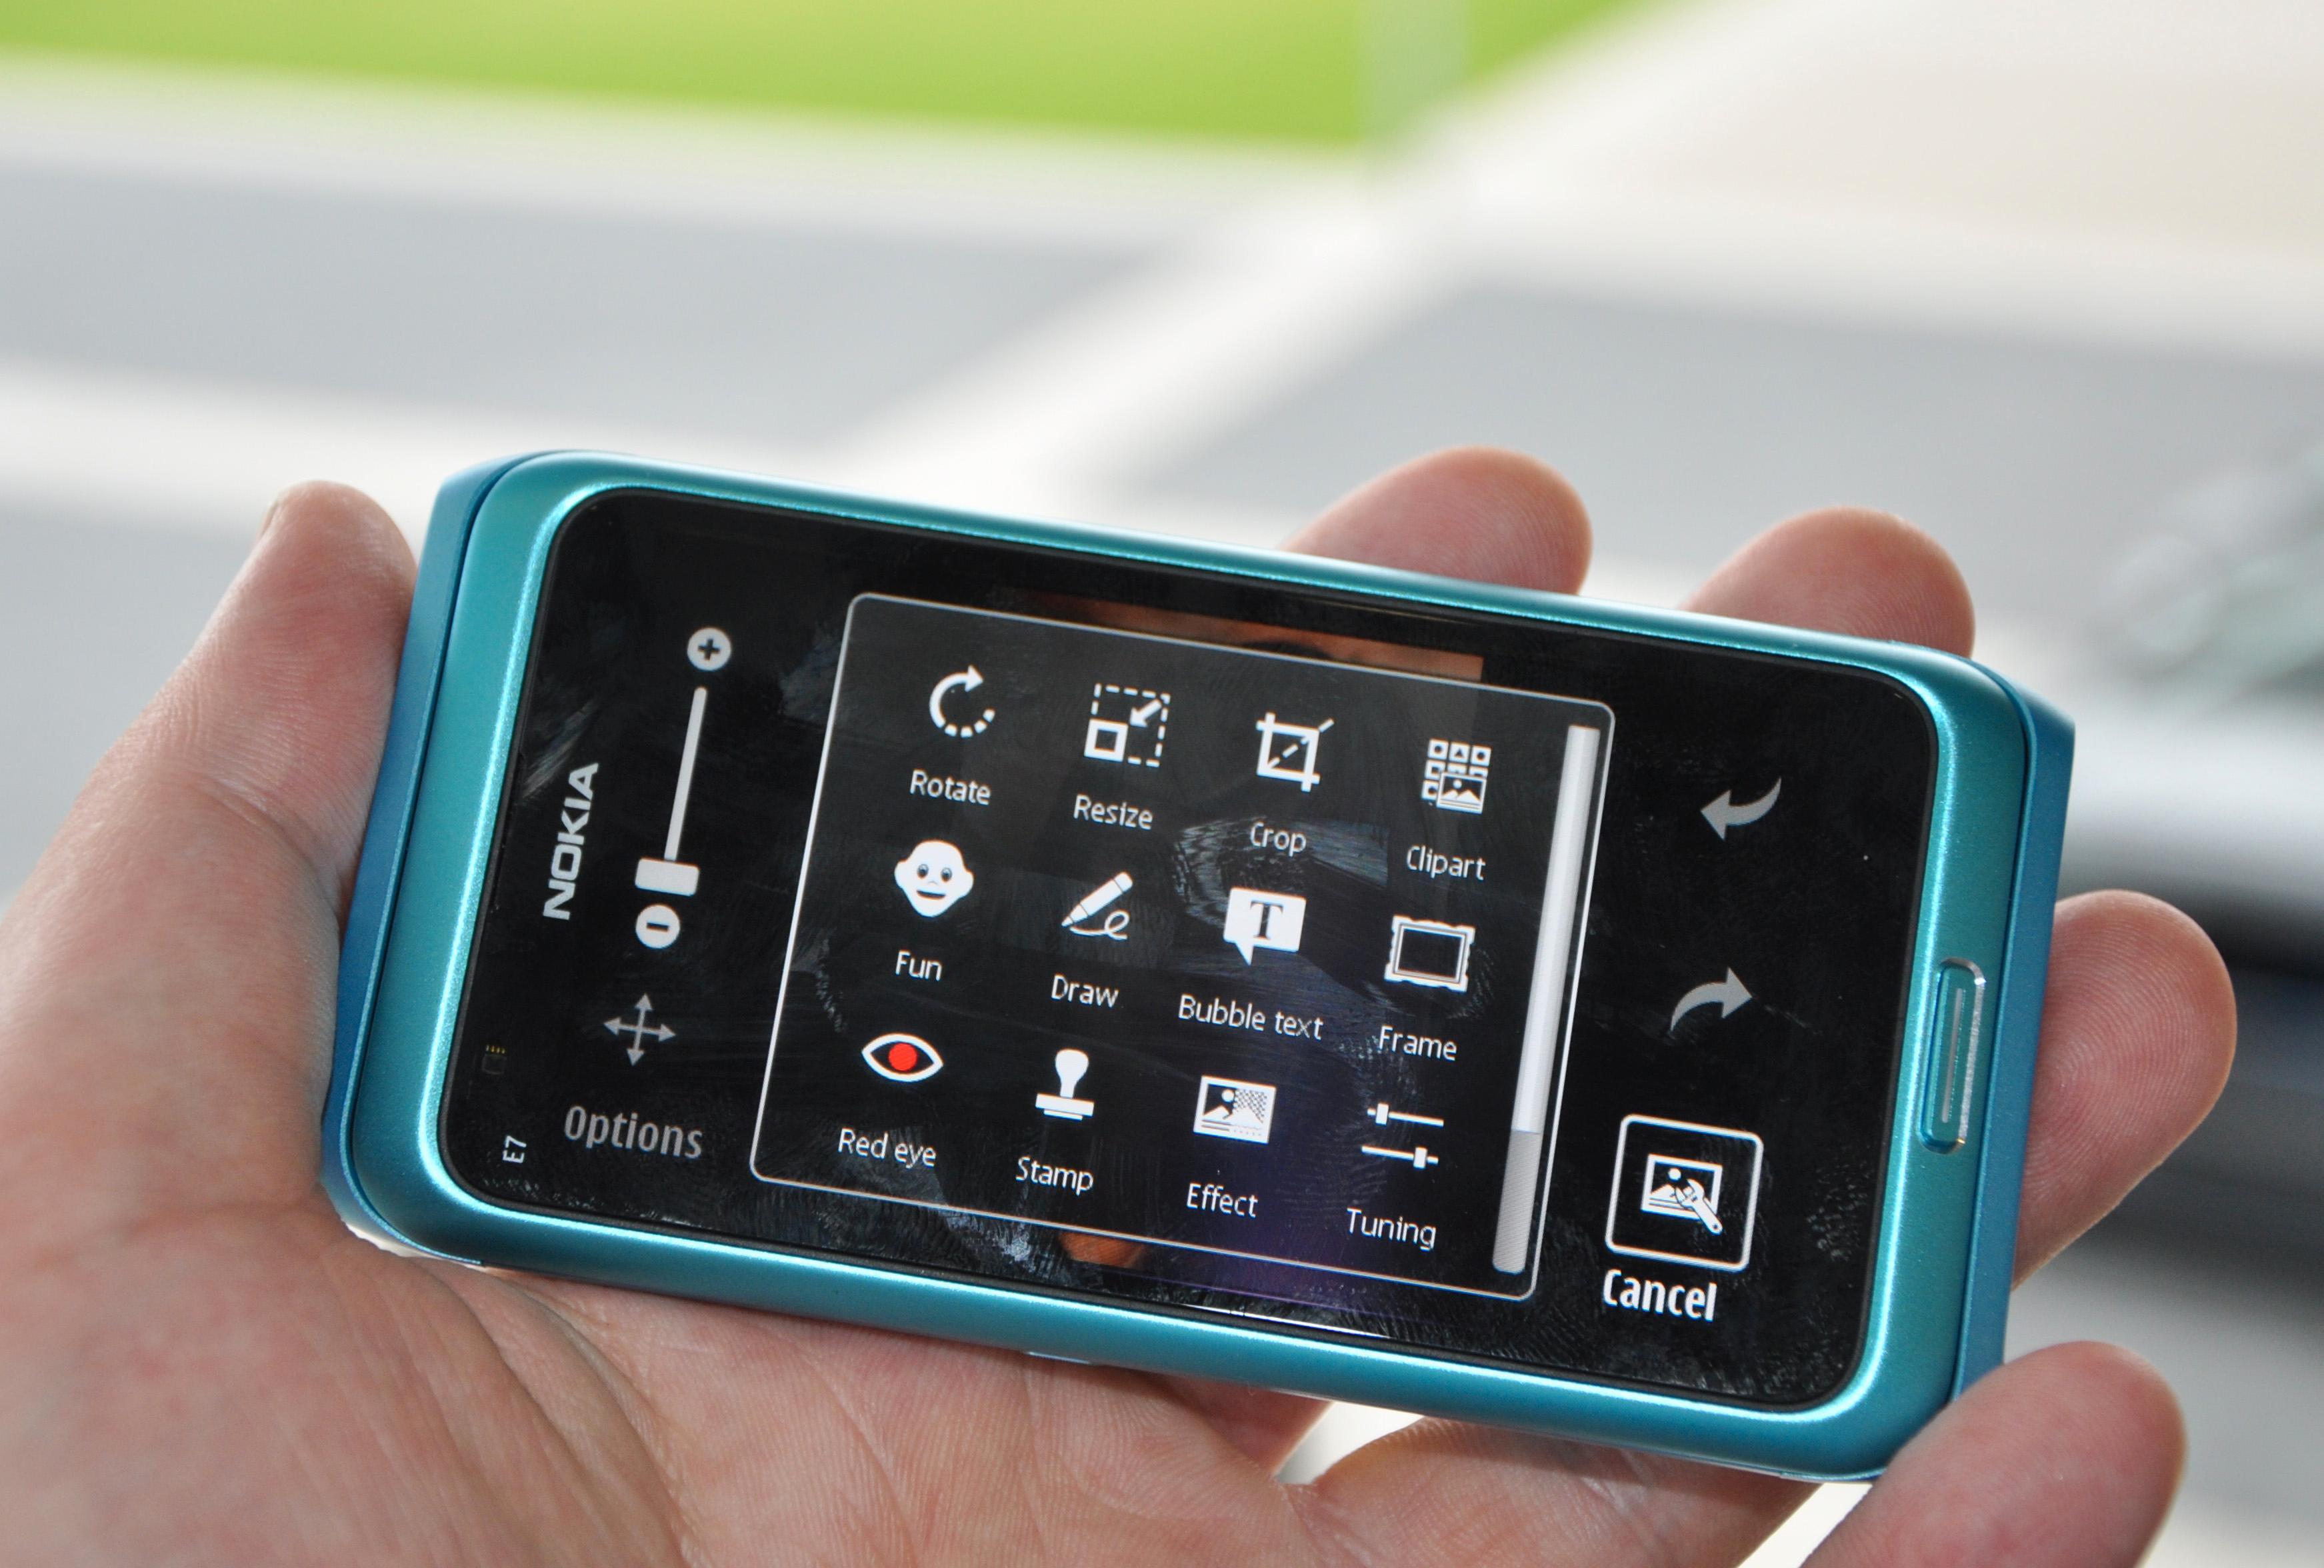 Nokia E7. Et siste forsøk på å vekke liv i kommunikator-segmentet. Det lyktes ikke på Symbian-plattformen.